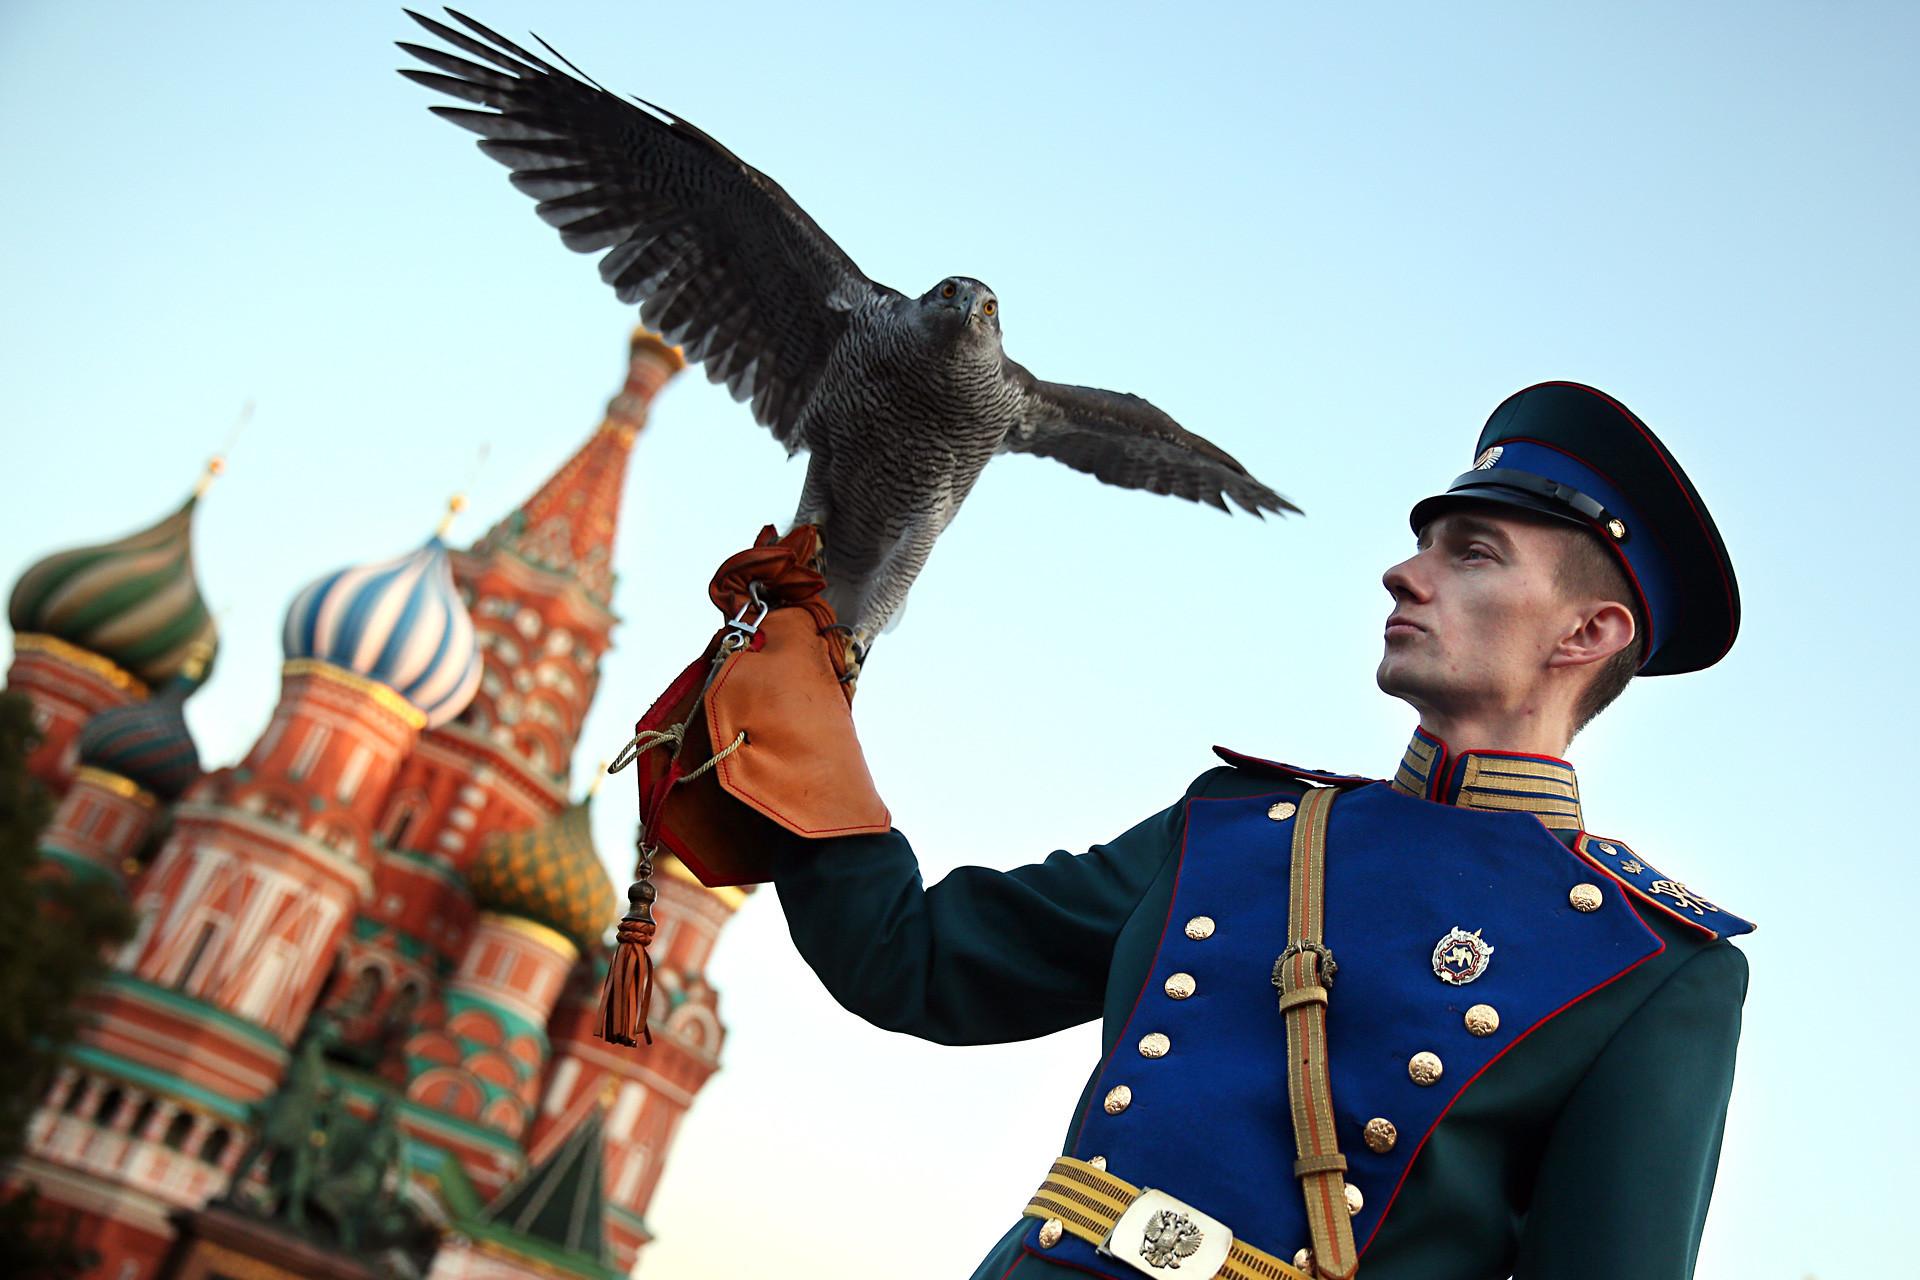 Membro do serviço ornitológico do Kremlin na cerimônia de encerramento do Festival de Música Militar Internacional Torre Spasskaia, na Praça Vermelha.